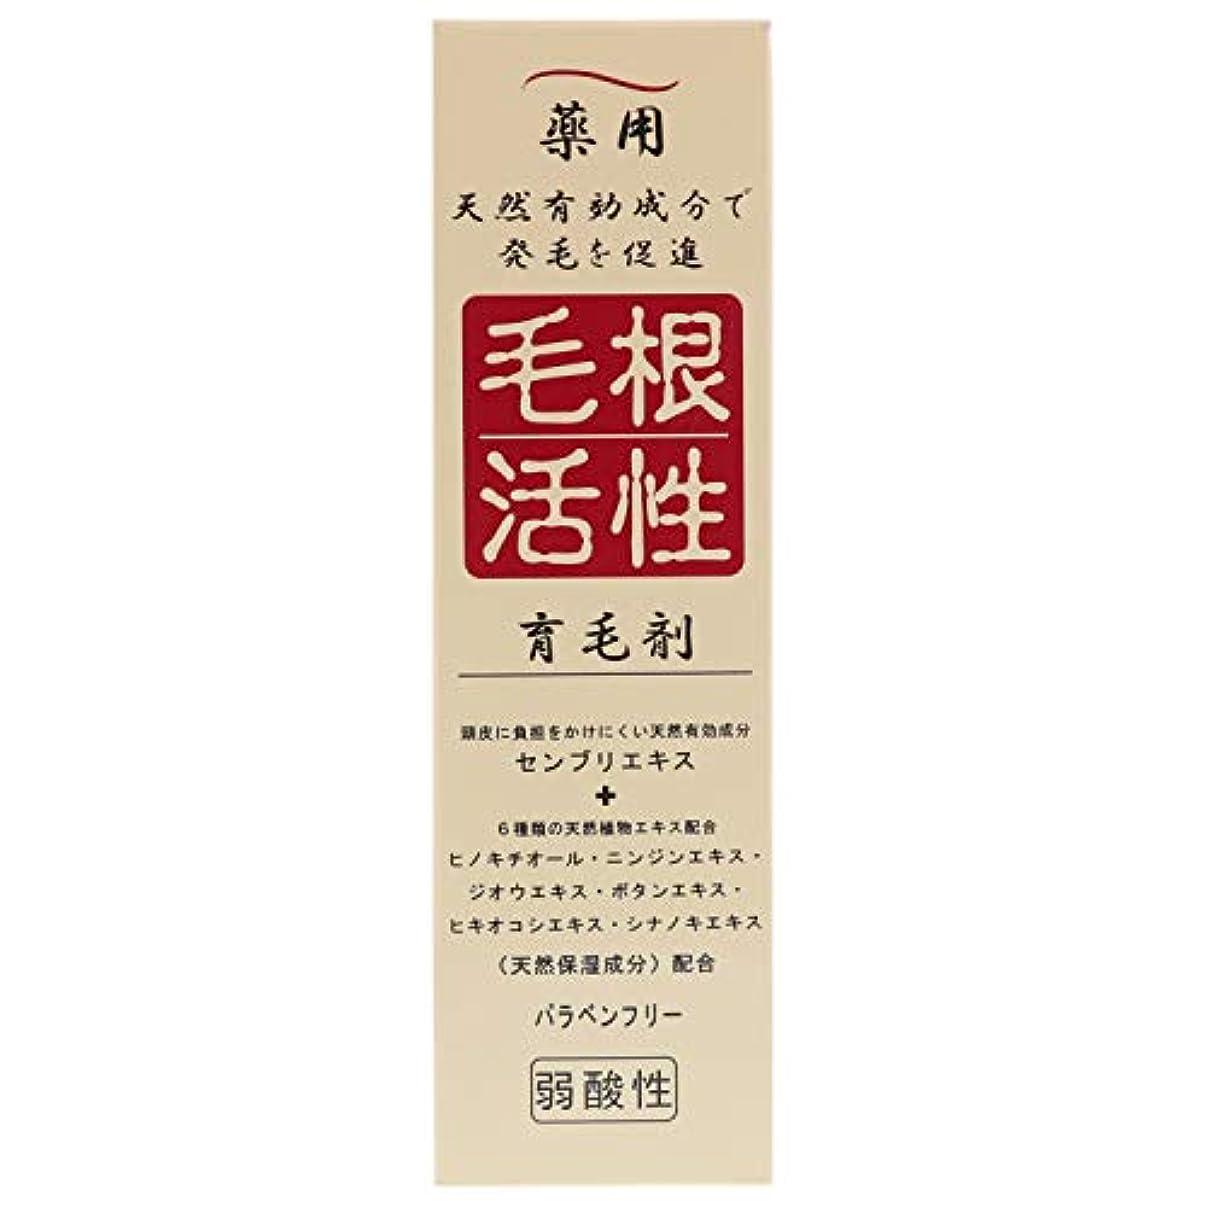 ドラフト宿泊窒素薬用毛根活性育毛剤 150ml